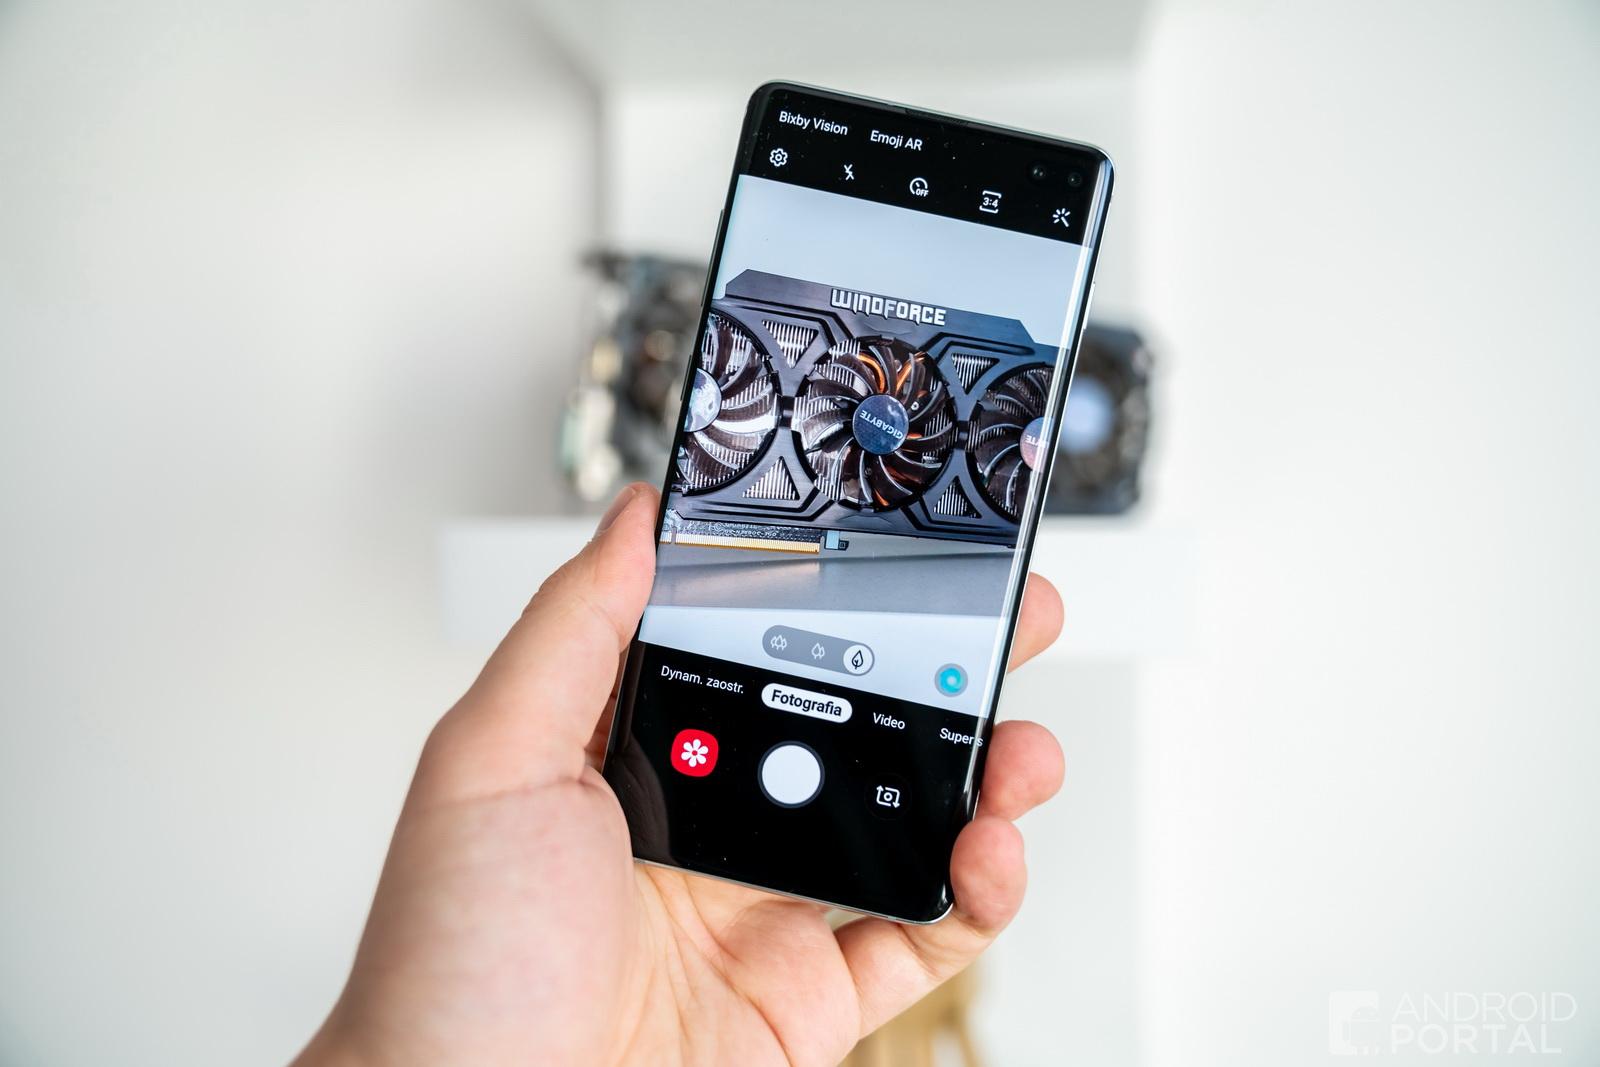 Androidportal spoločnosť samsung vyvinula 5-násobný optický zoom senzor